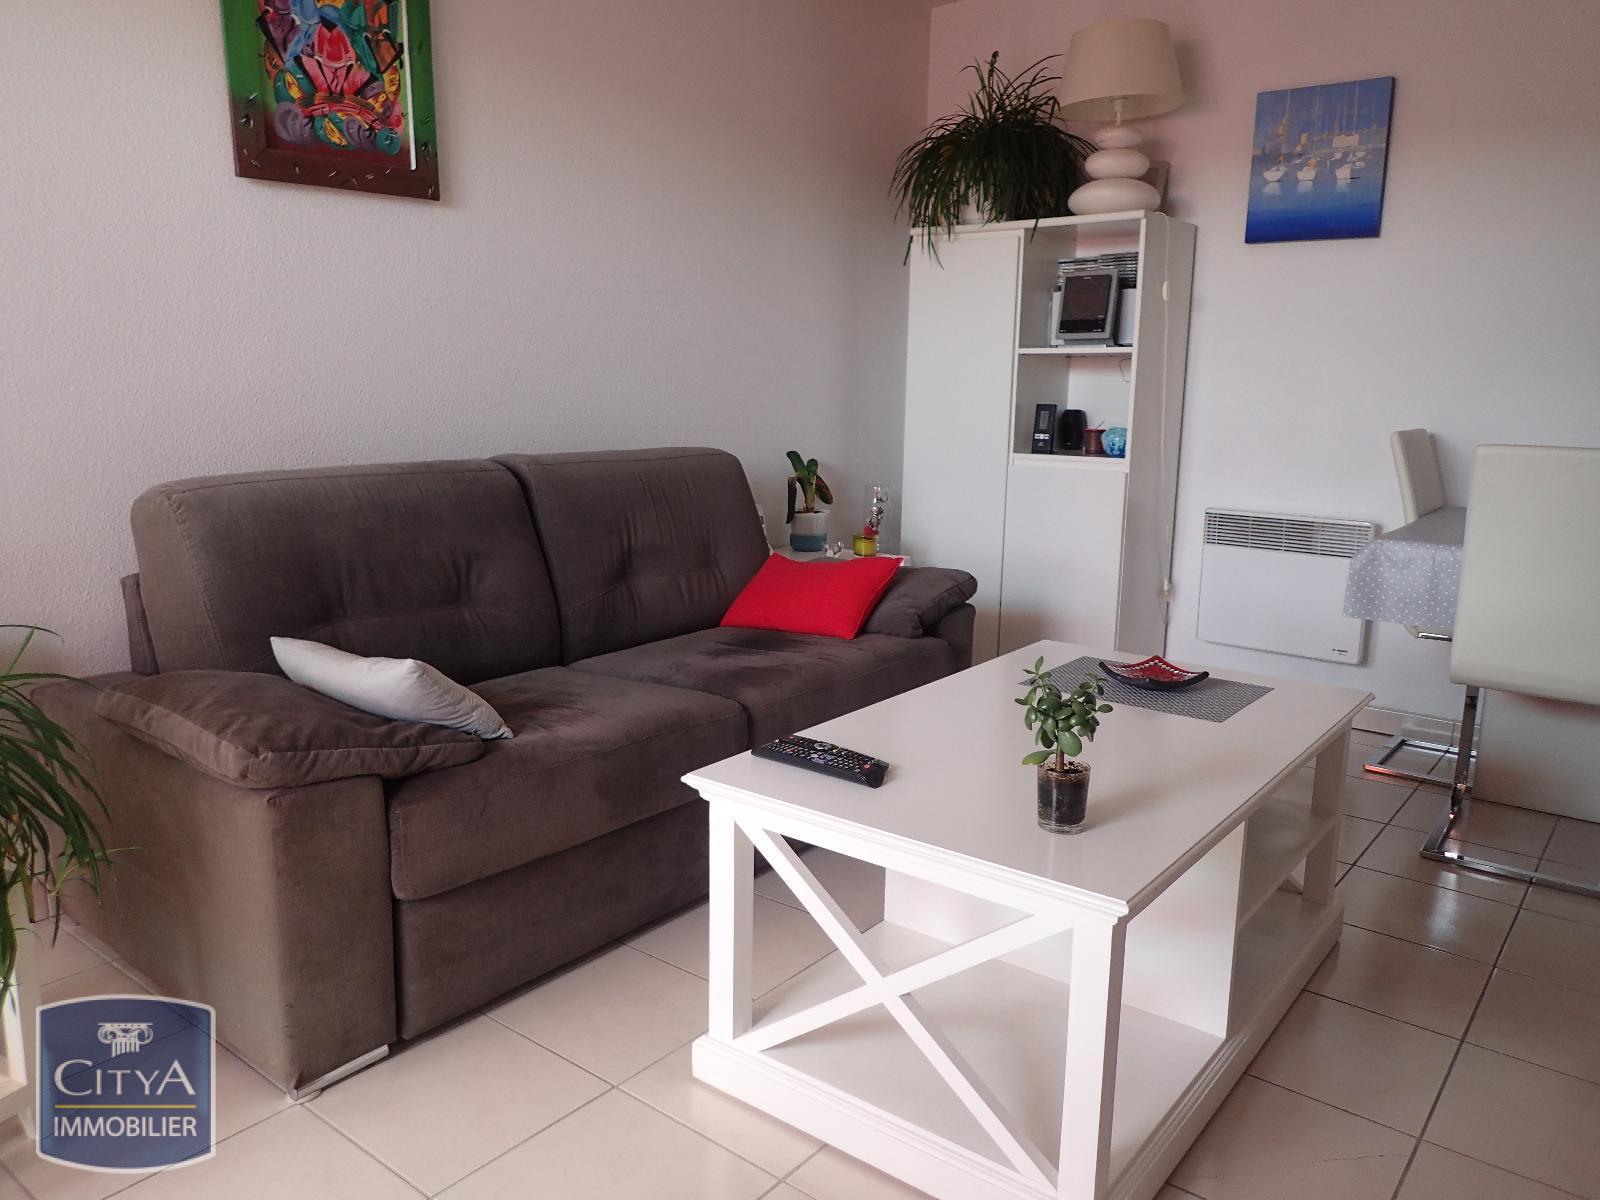 Appartement 3 pièces 56 m²